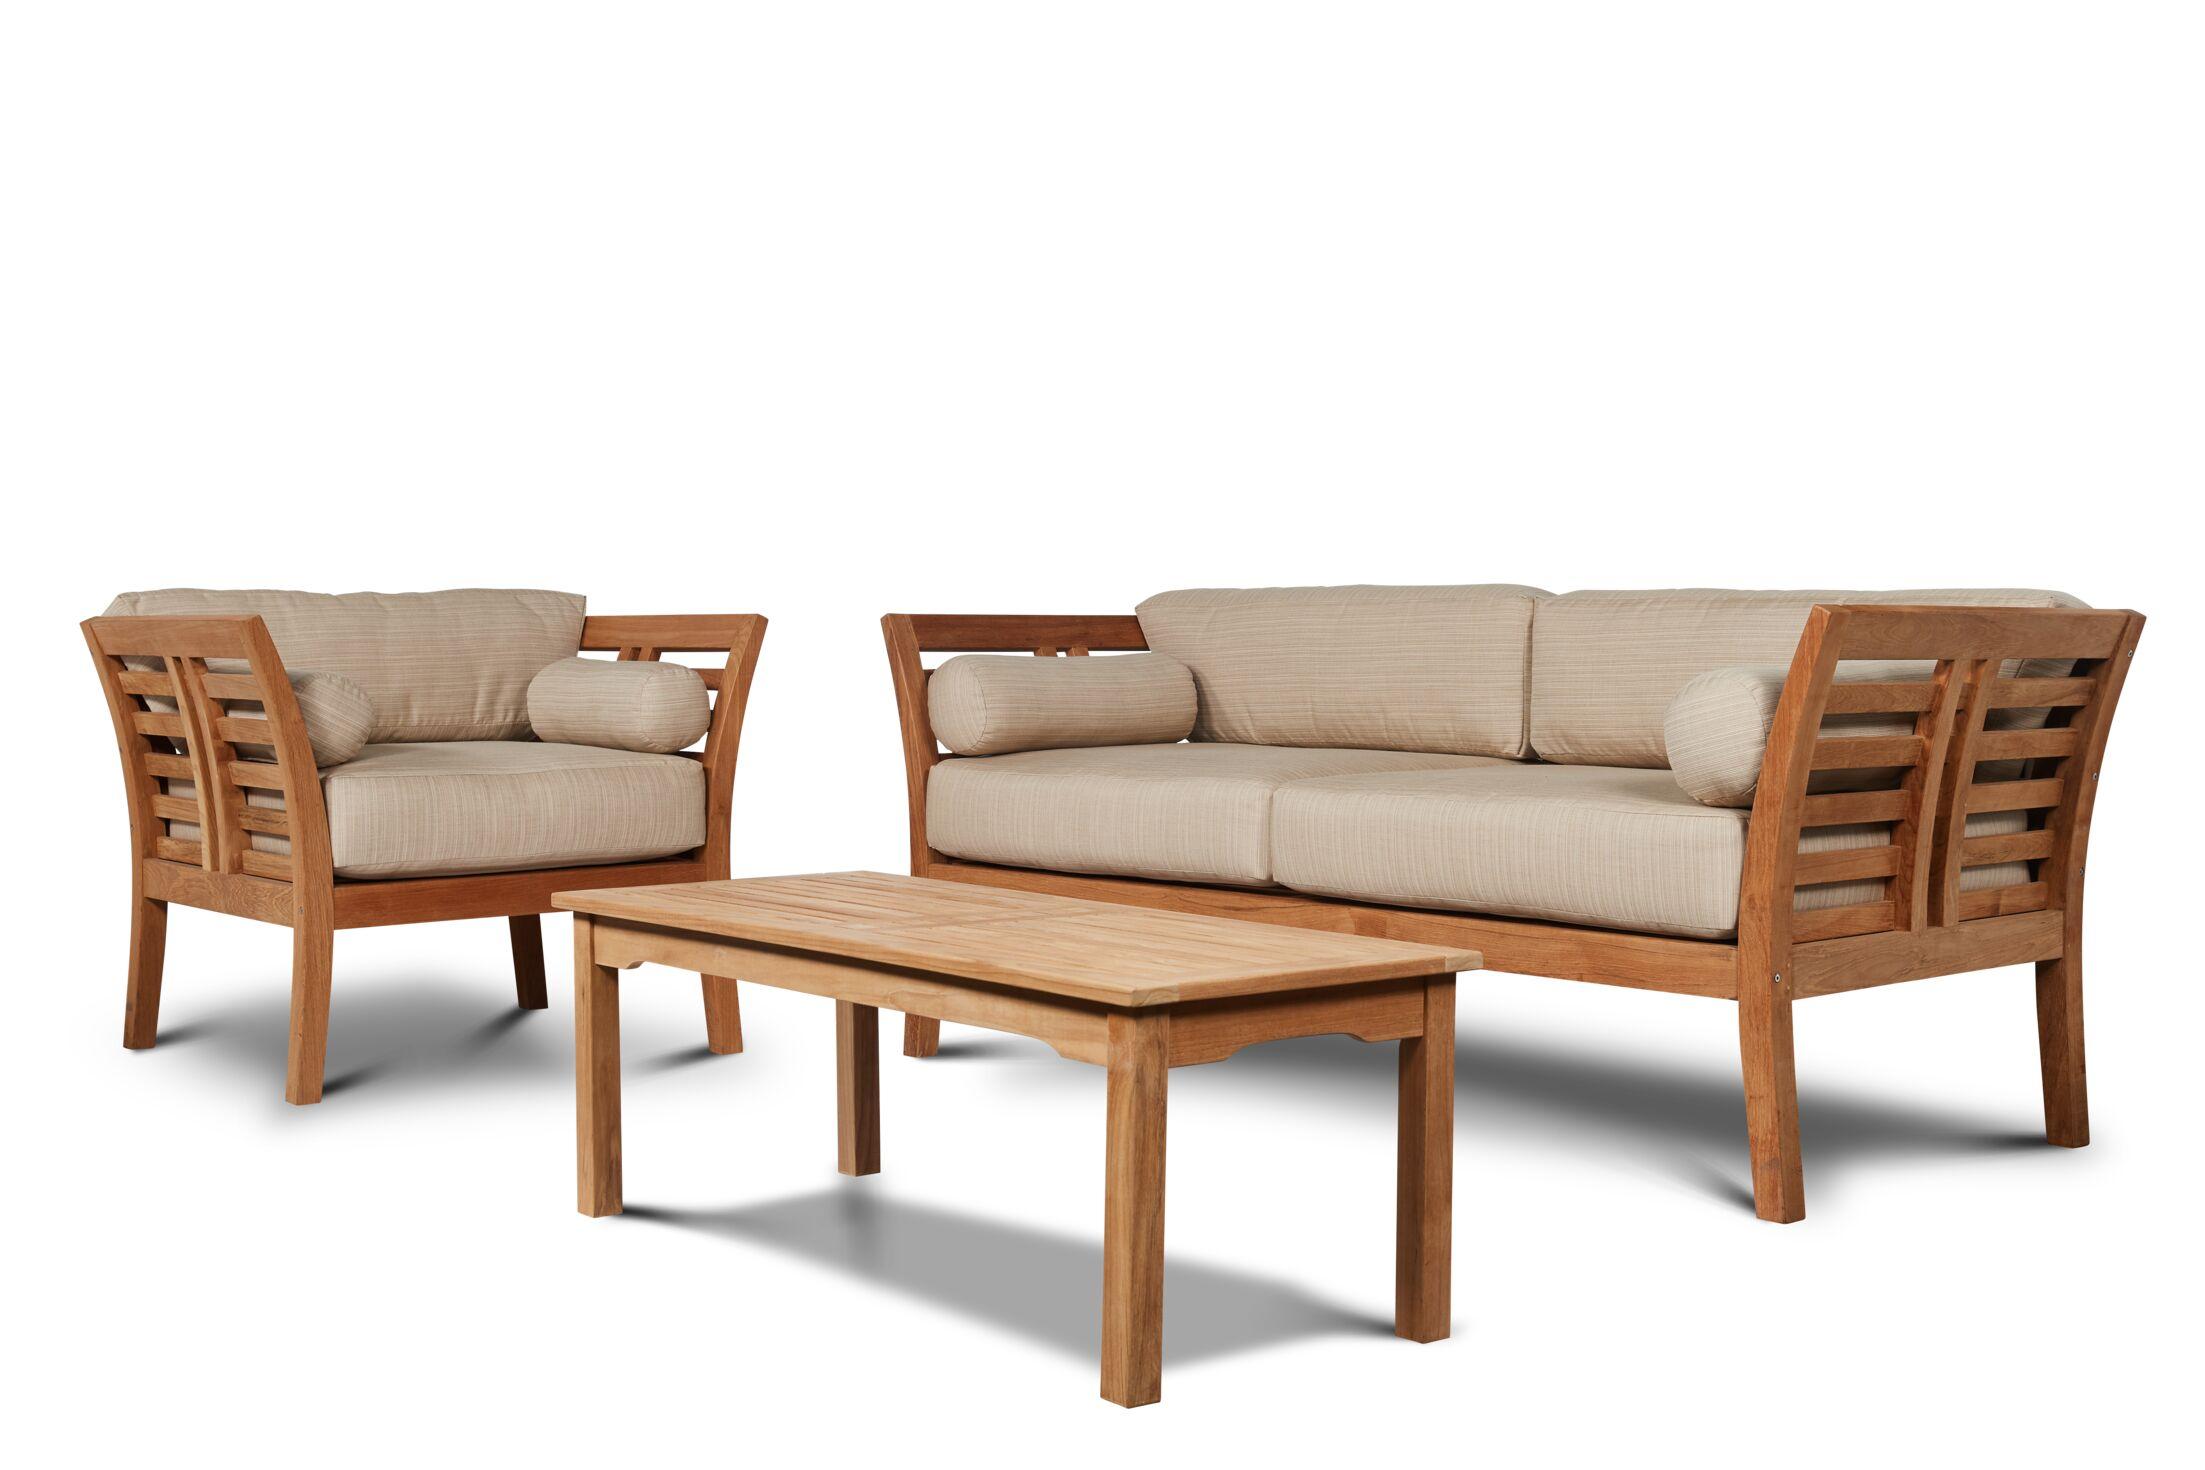 Fleischer 4 Piece Teak Sofa Set with Sunbrella Cushions